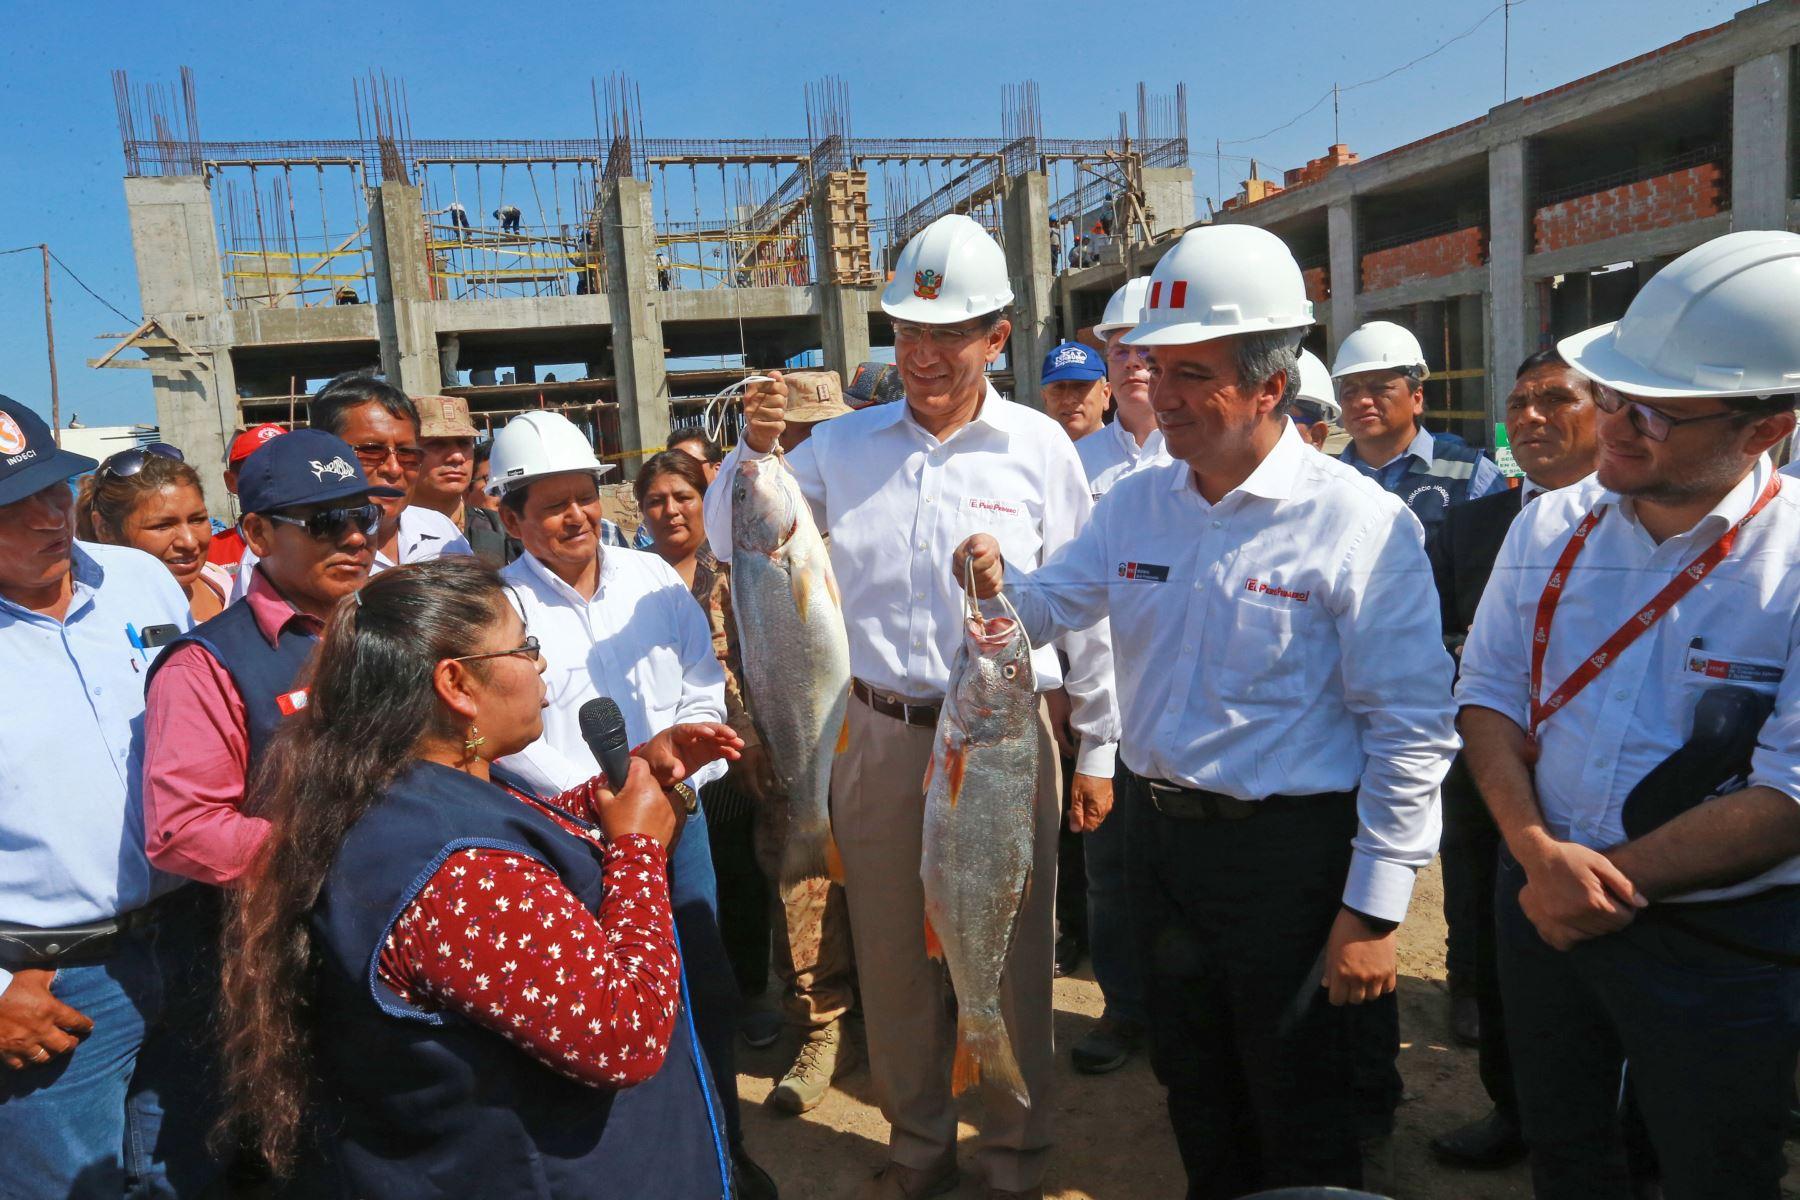 Jefe de Estado inspecciona obras de mejoramiento del Desembarcadero Pesquero Artesanal de Ilo. Foto: ANDINA/Prensa Presidencia